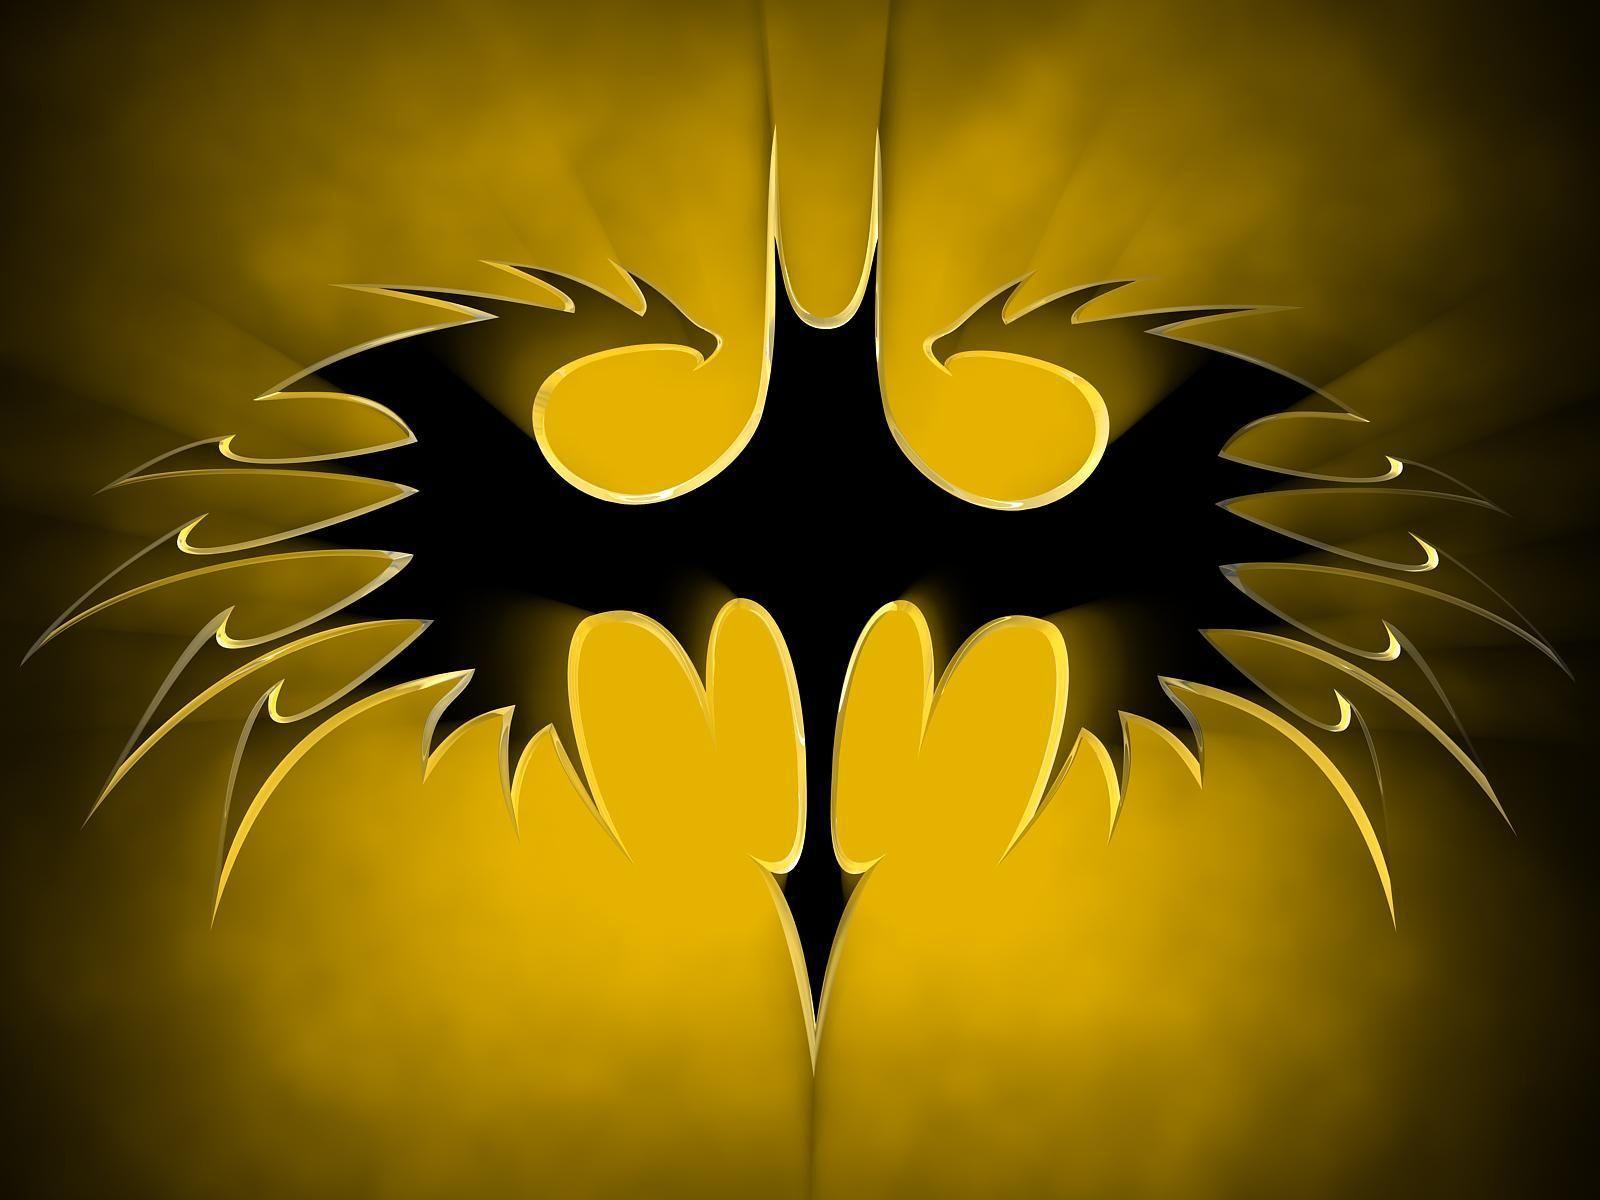 Batman Triumphant Wallpaper